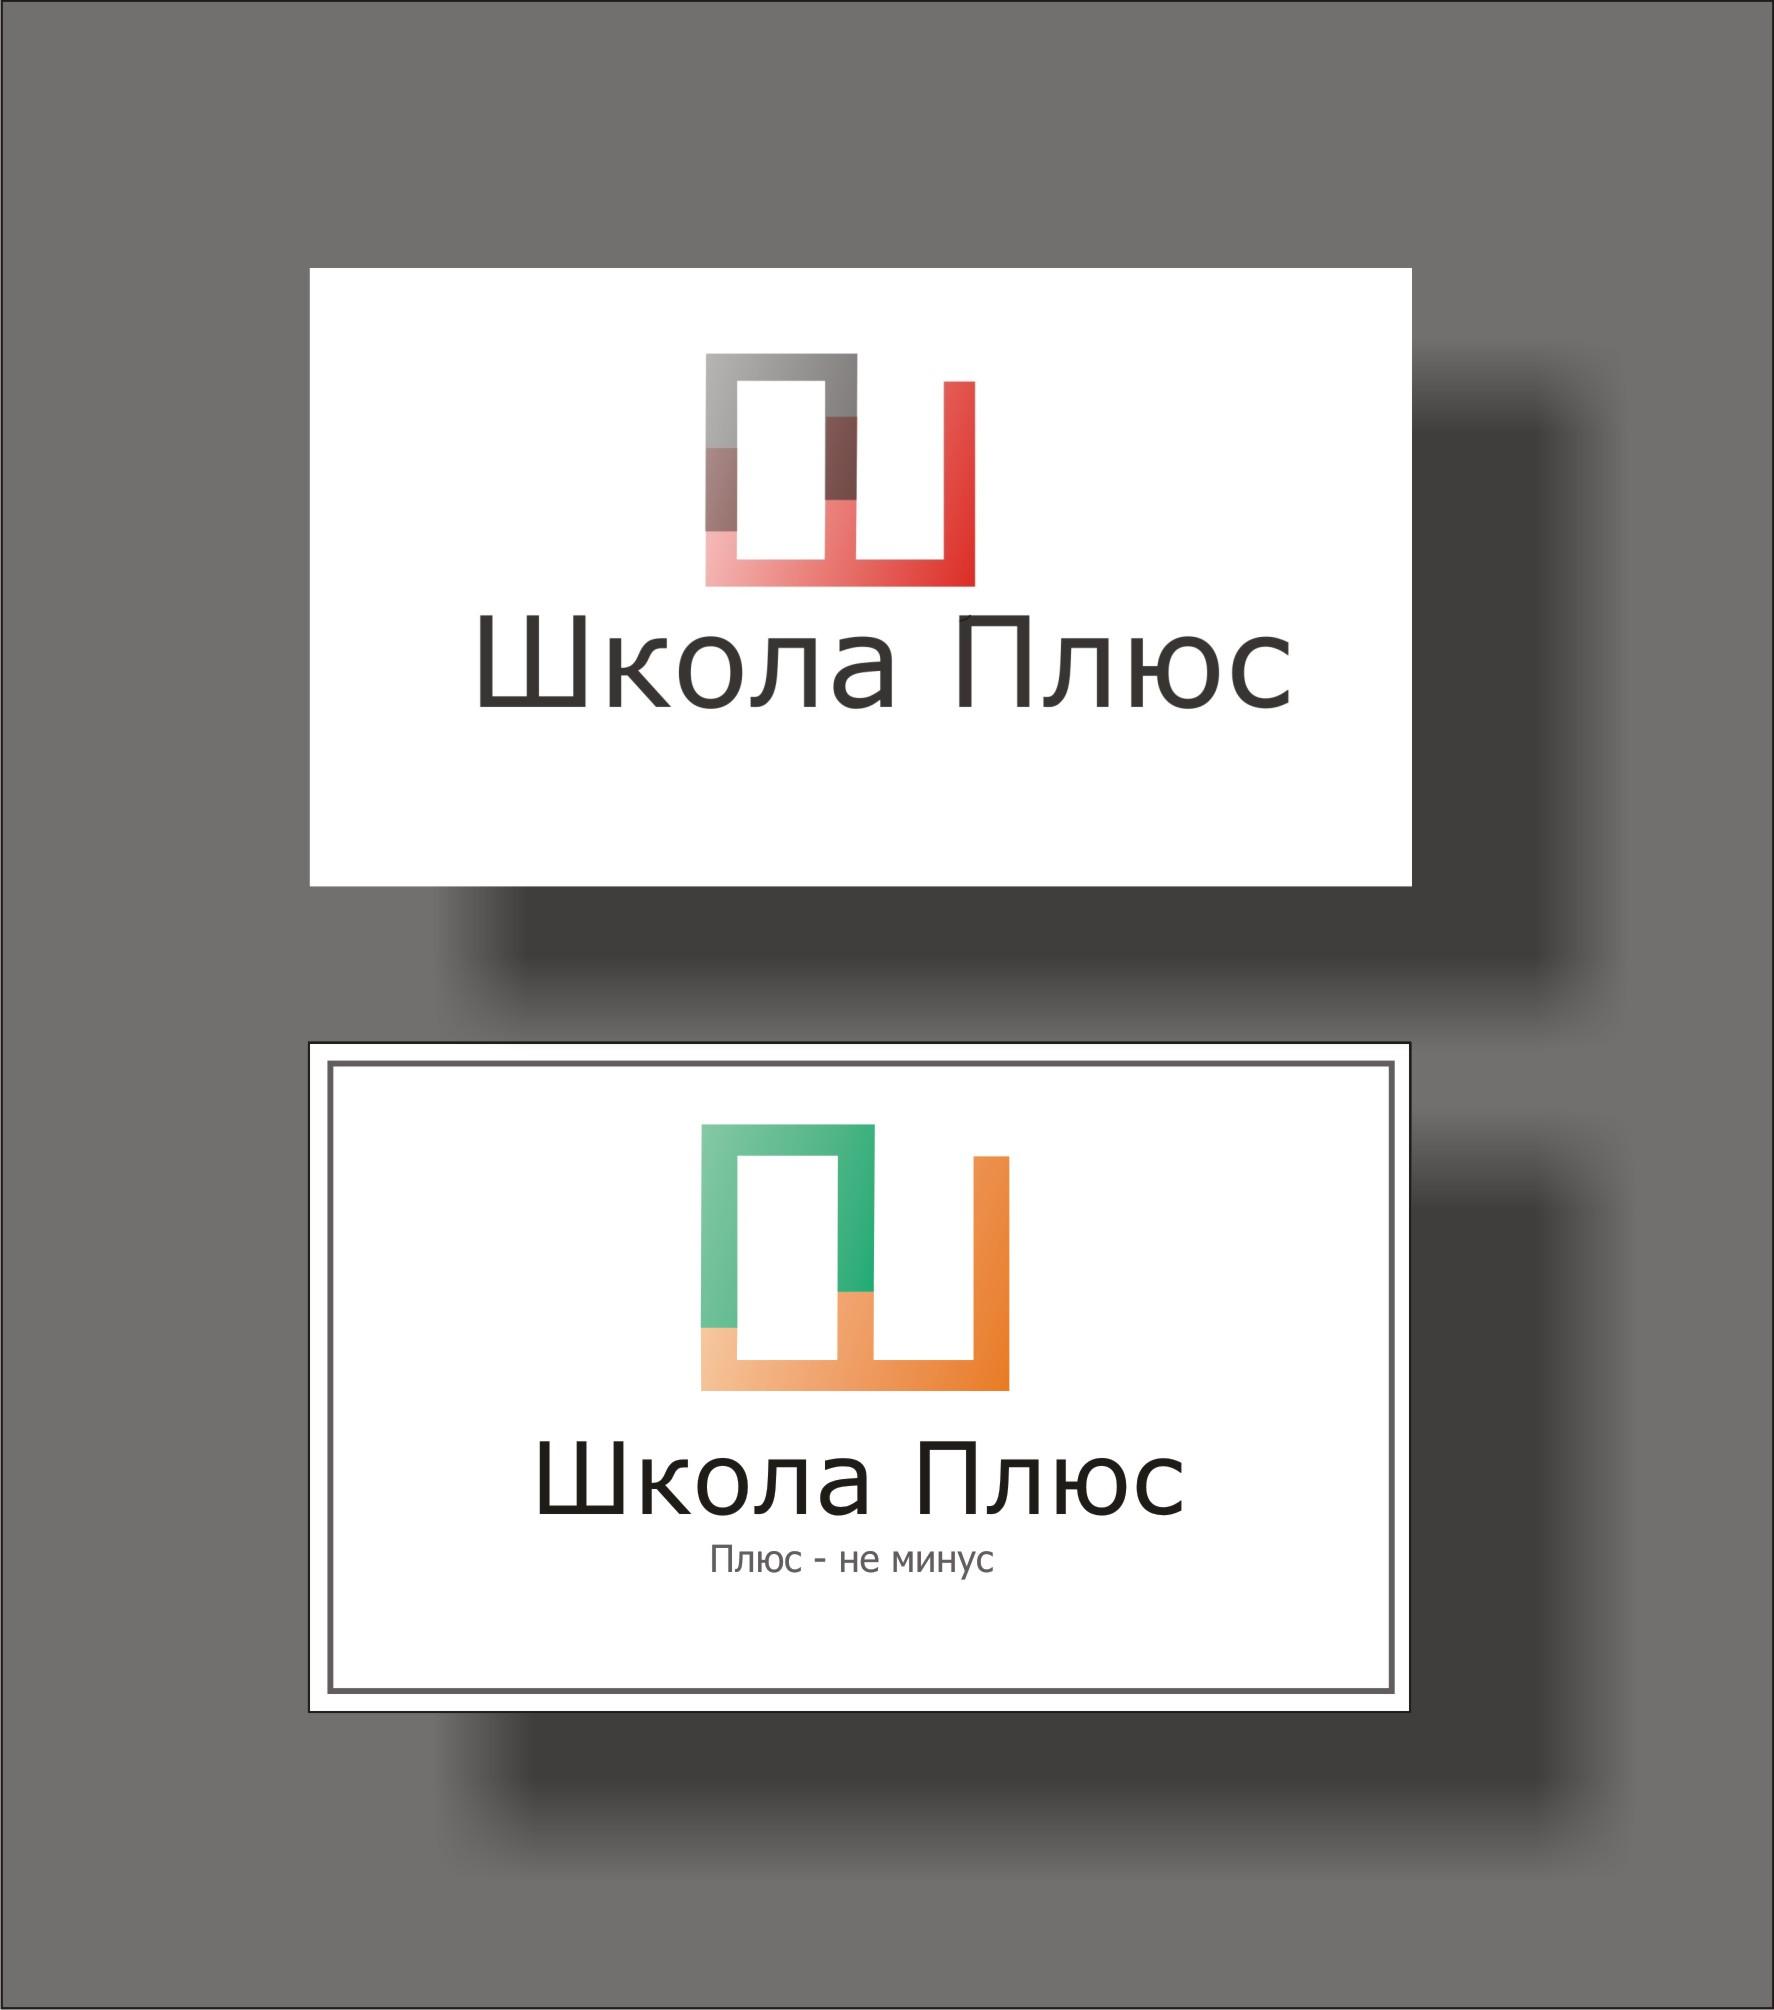 Разработка логотипа и пары элементов фирменного стиля фото f_4dac798c9a7a4.jpg